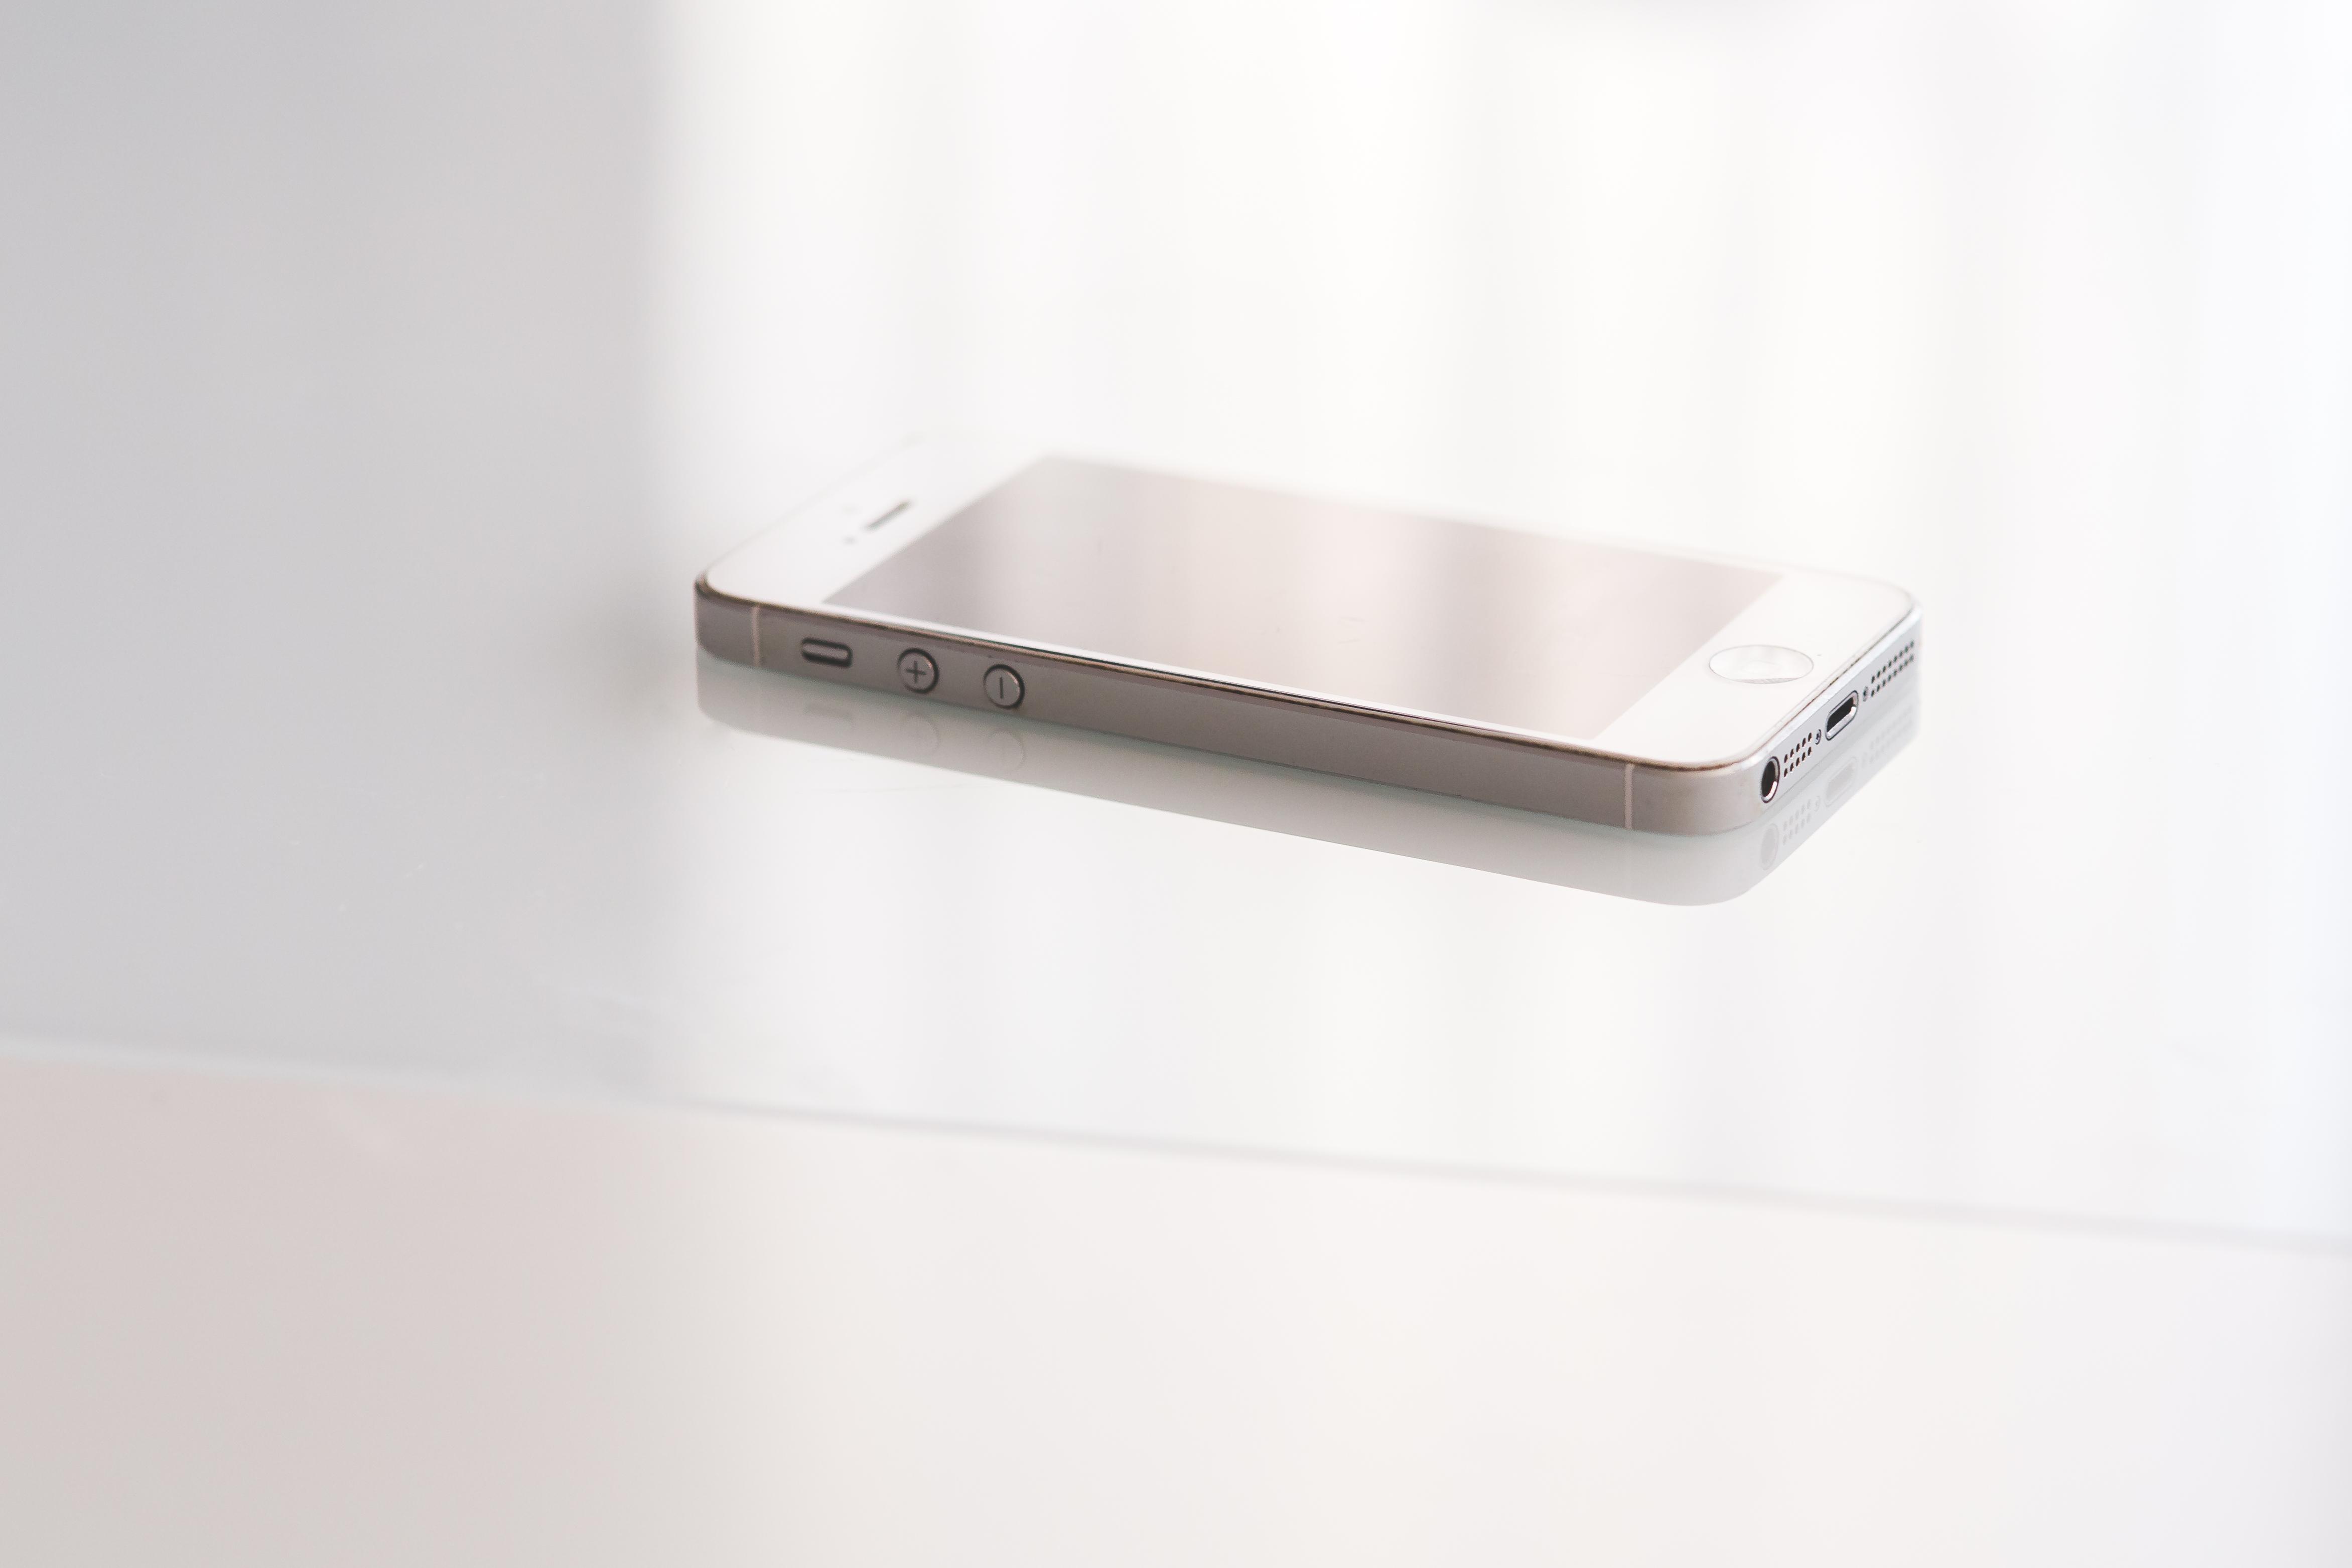 Immagini belle : i phone smartphone mela tecnologia mensola